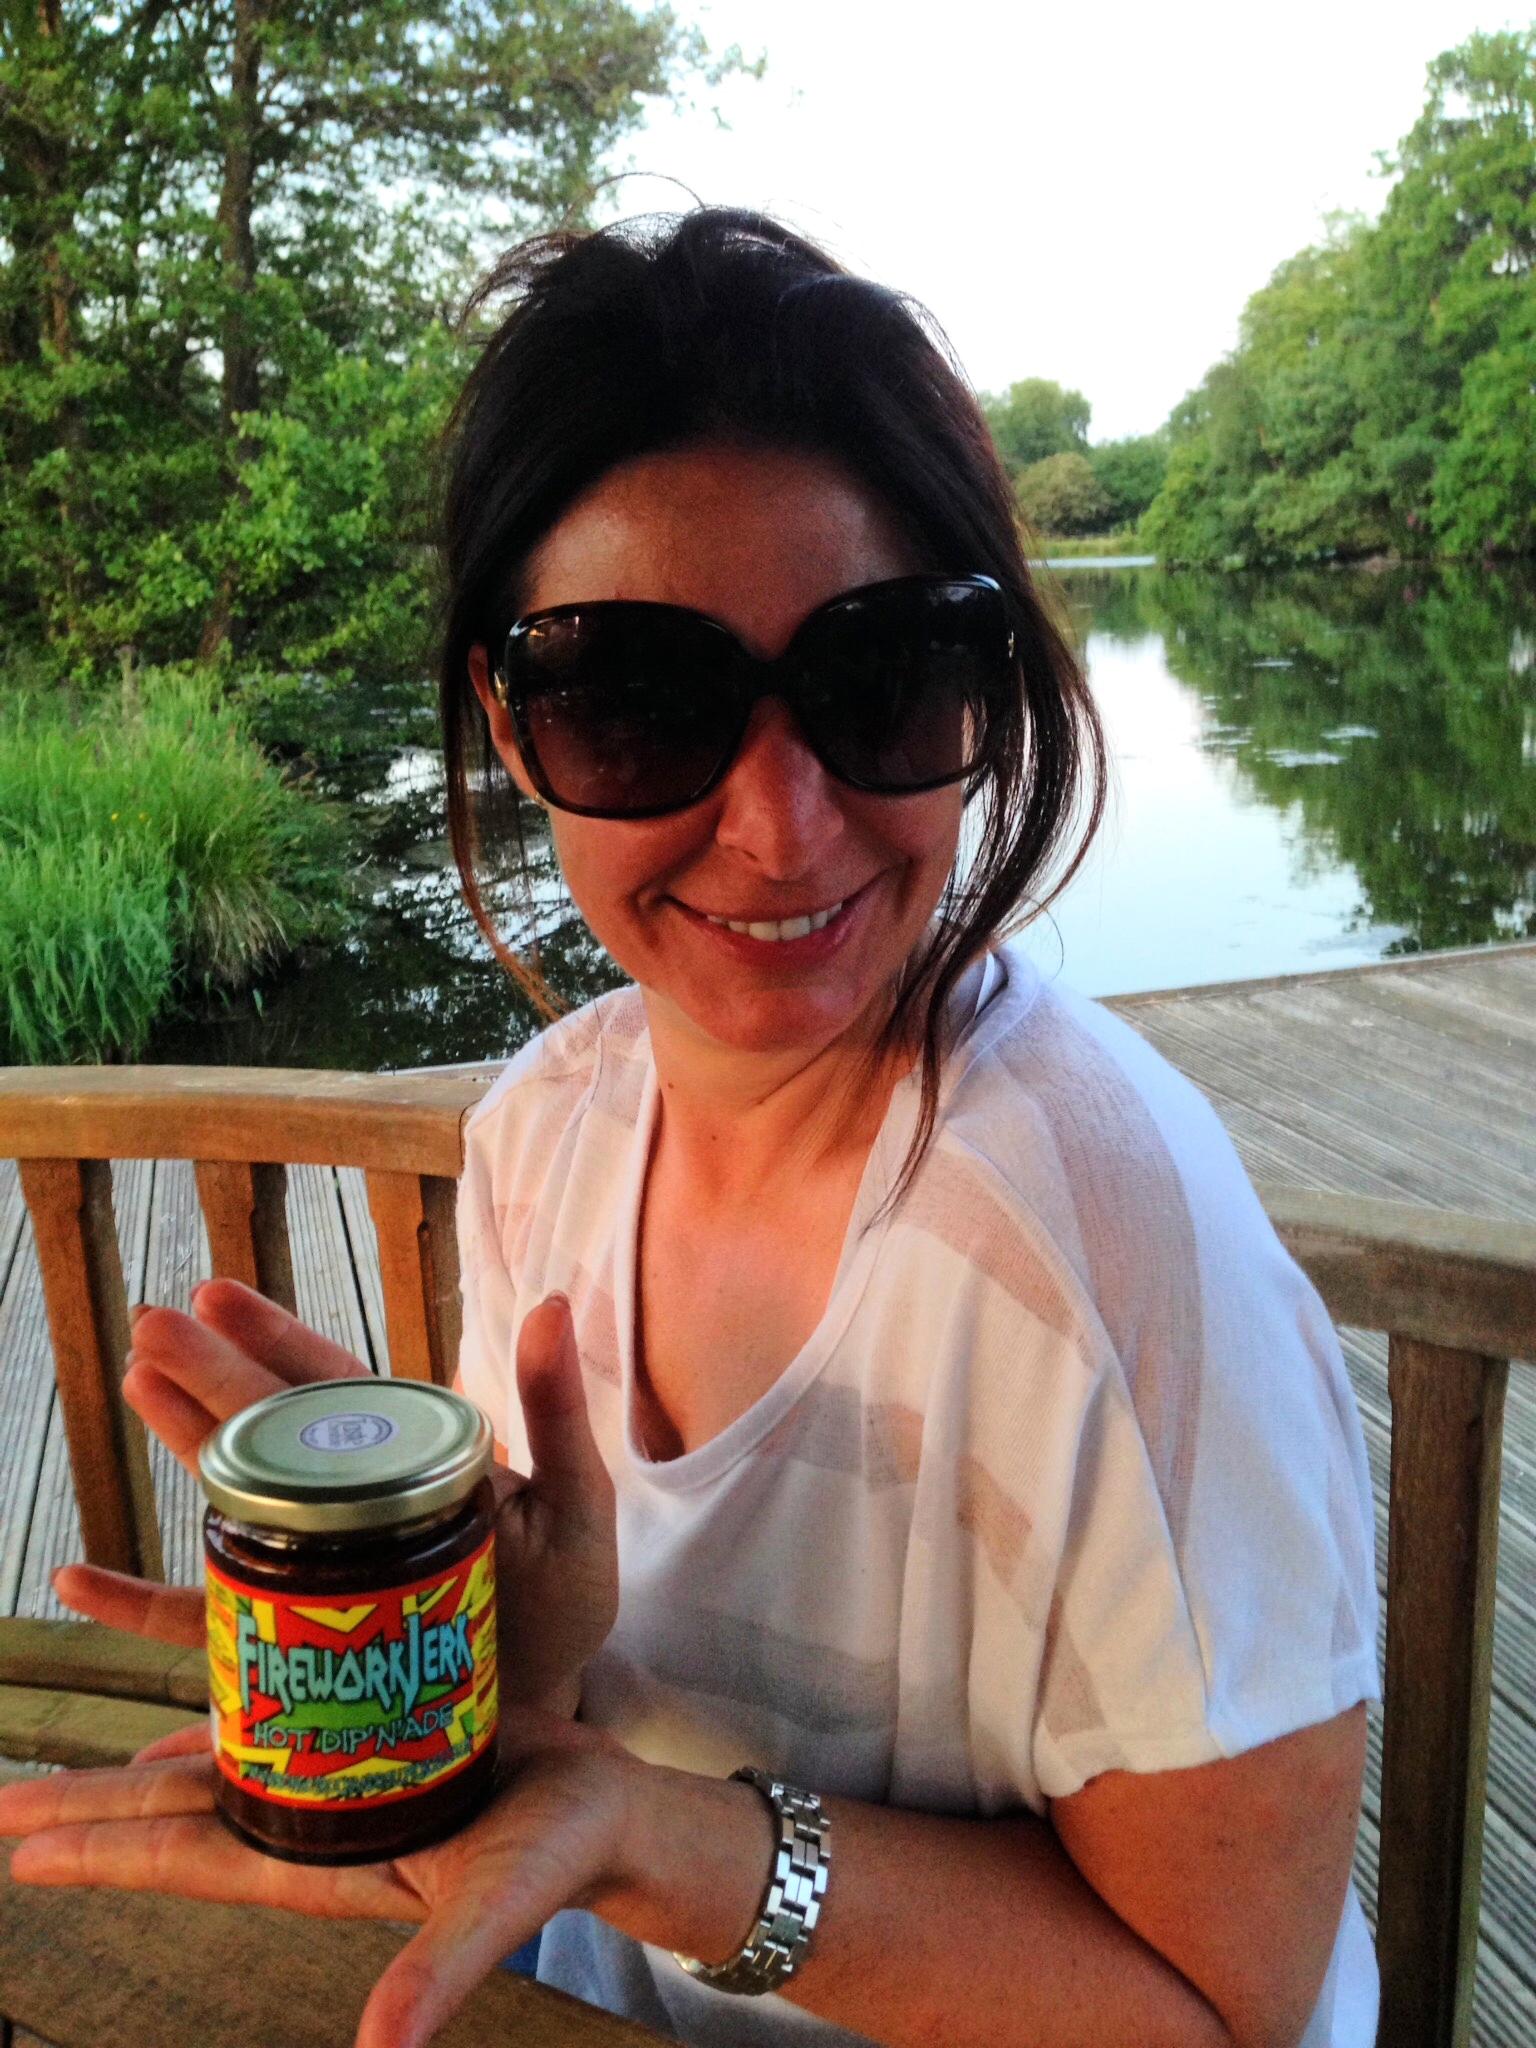 Bongo's Rock & Roll Pickles